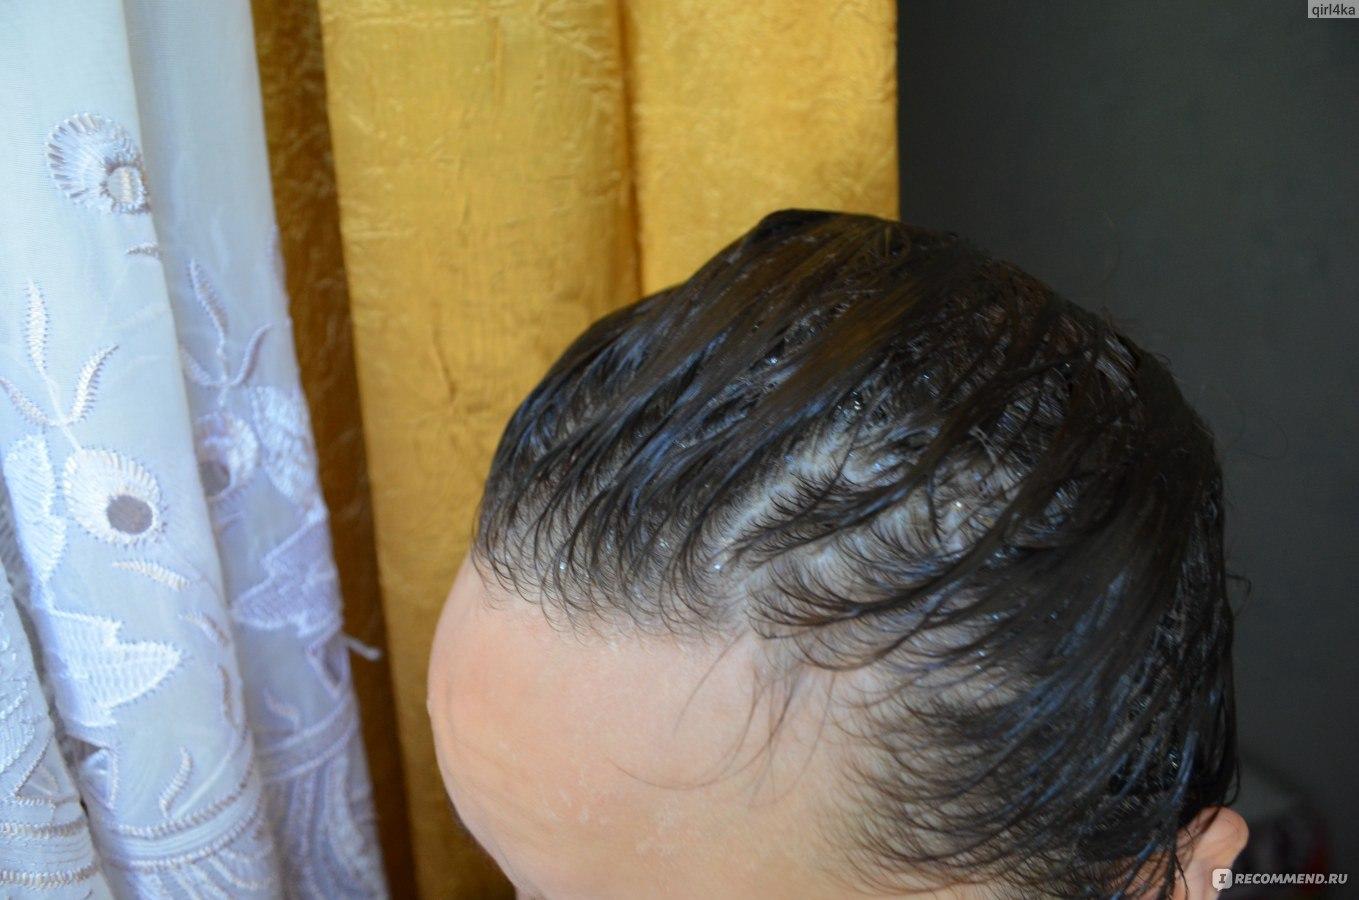 Могут ли от язвы выпадать волосы